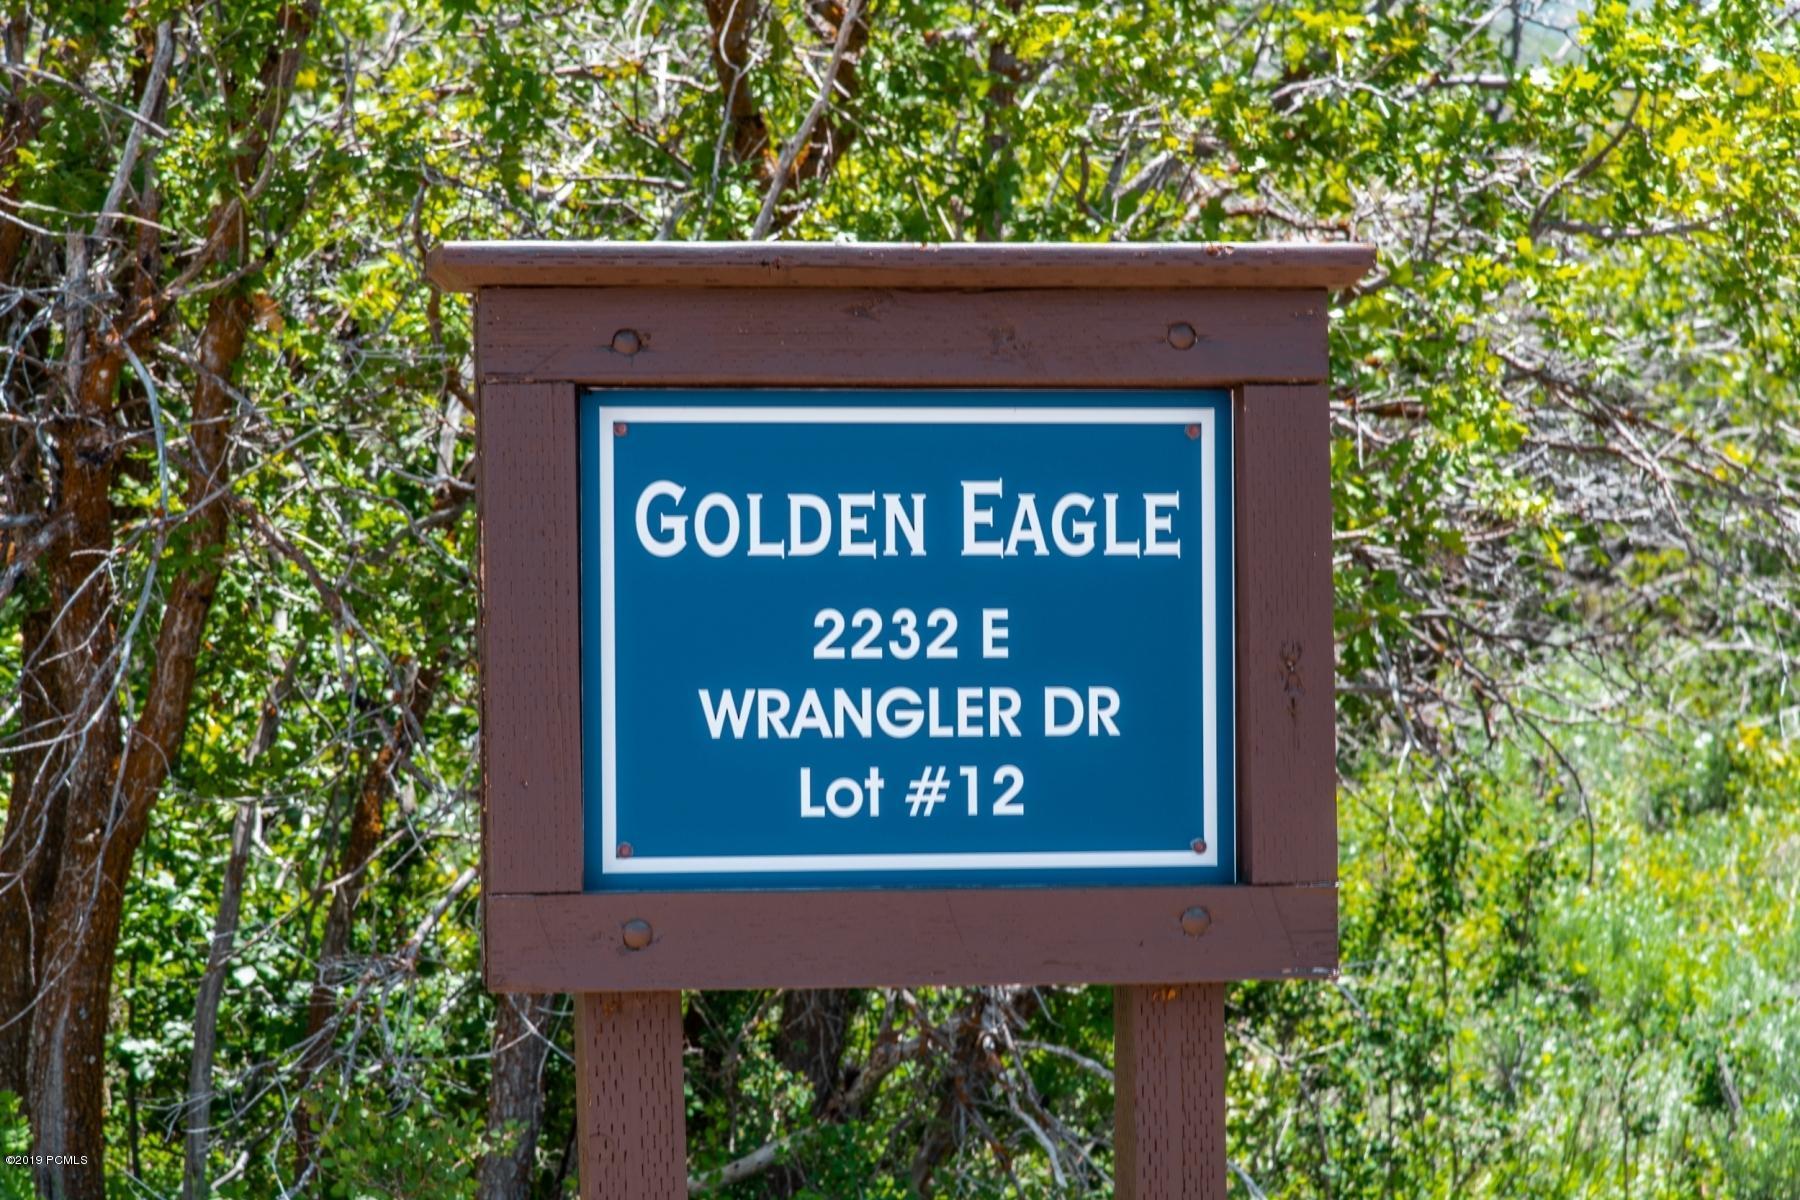 2232 E Wrangler Drive